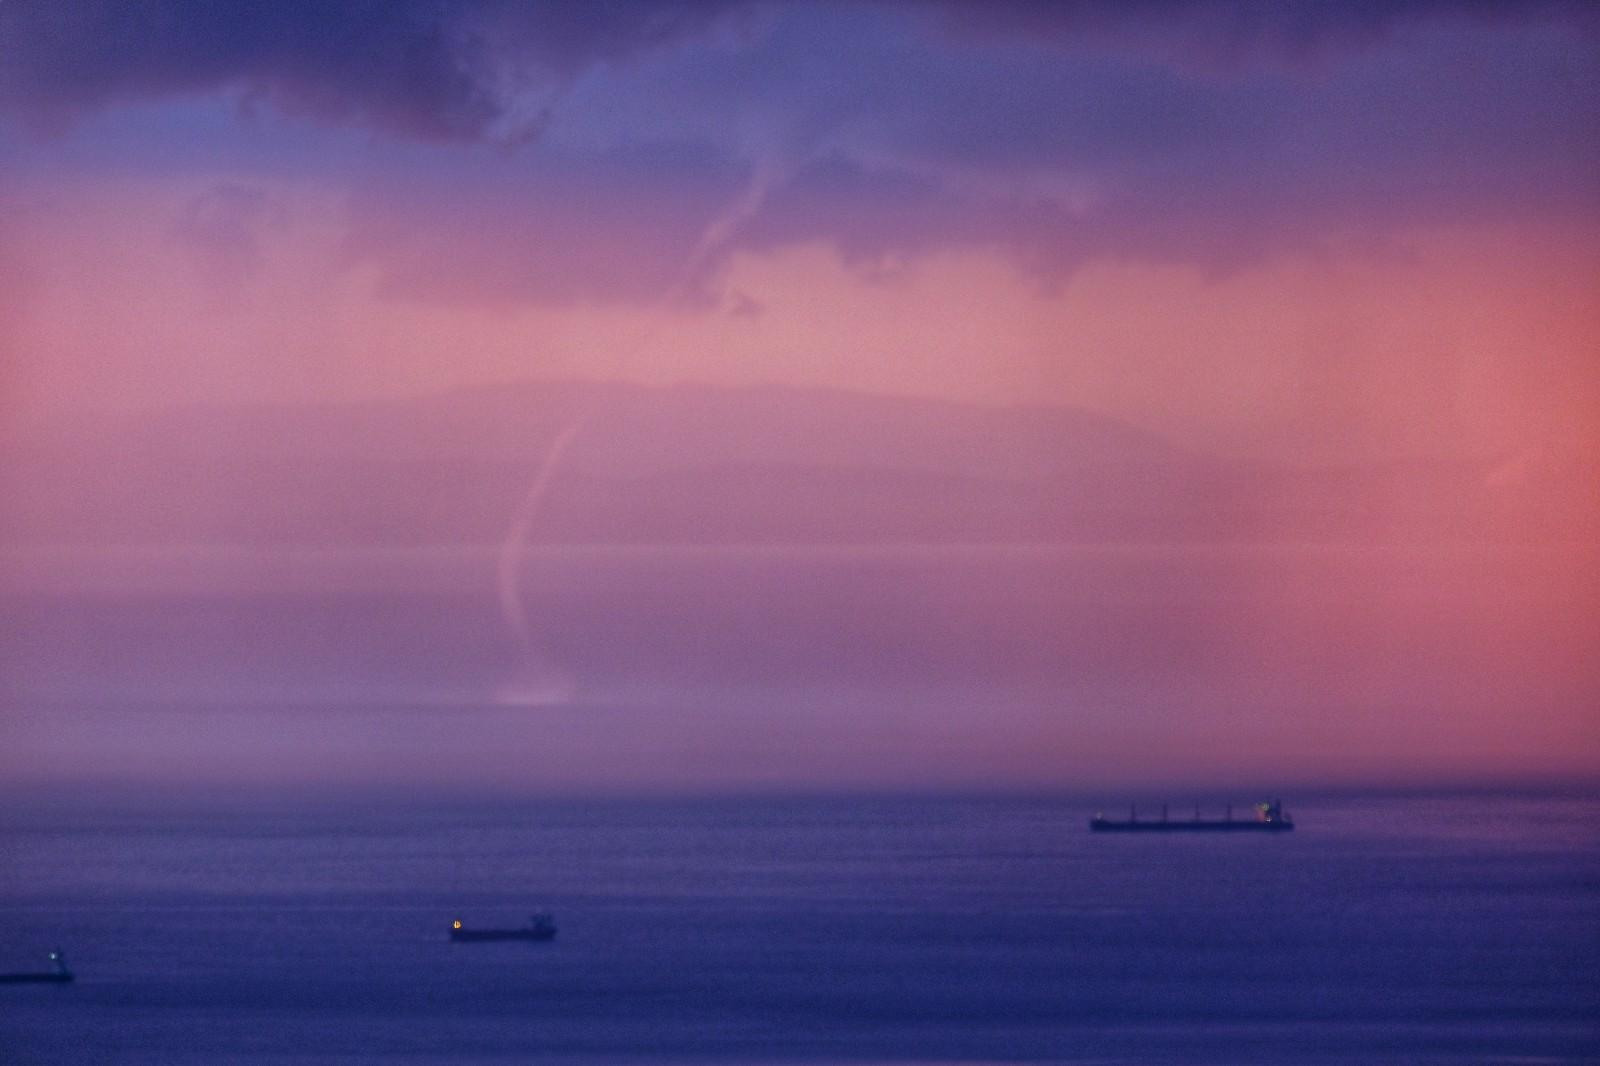 İskenderun Körfezi'nde yağmurlu hava ile günbatımı kartpostallık görüntü oluşturdu